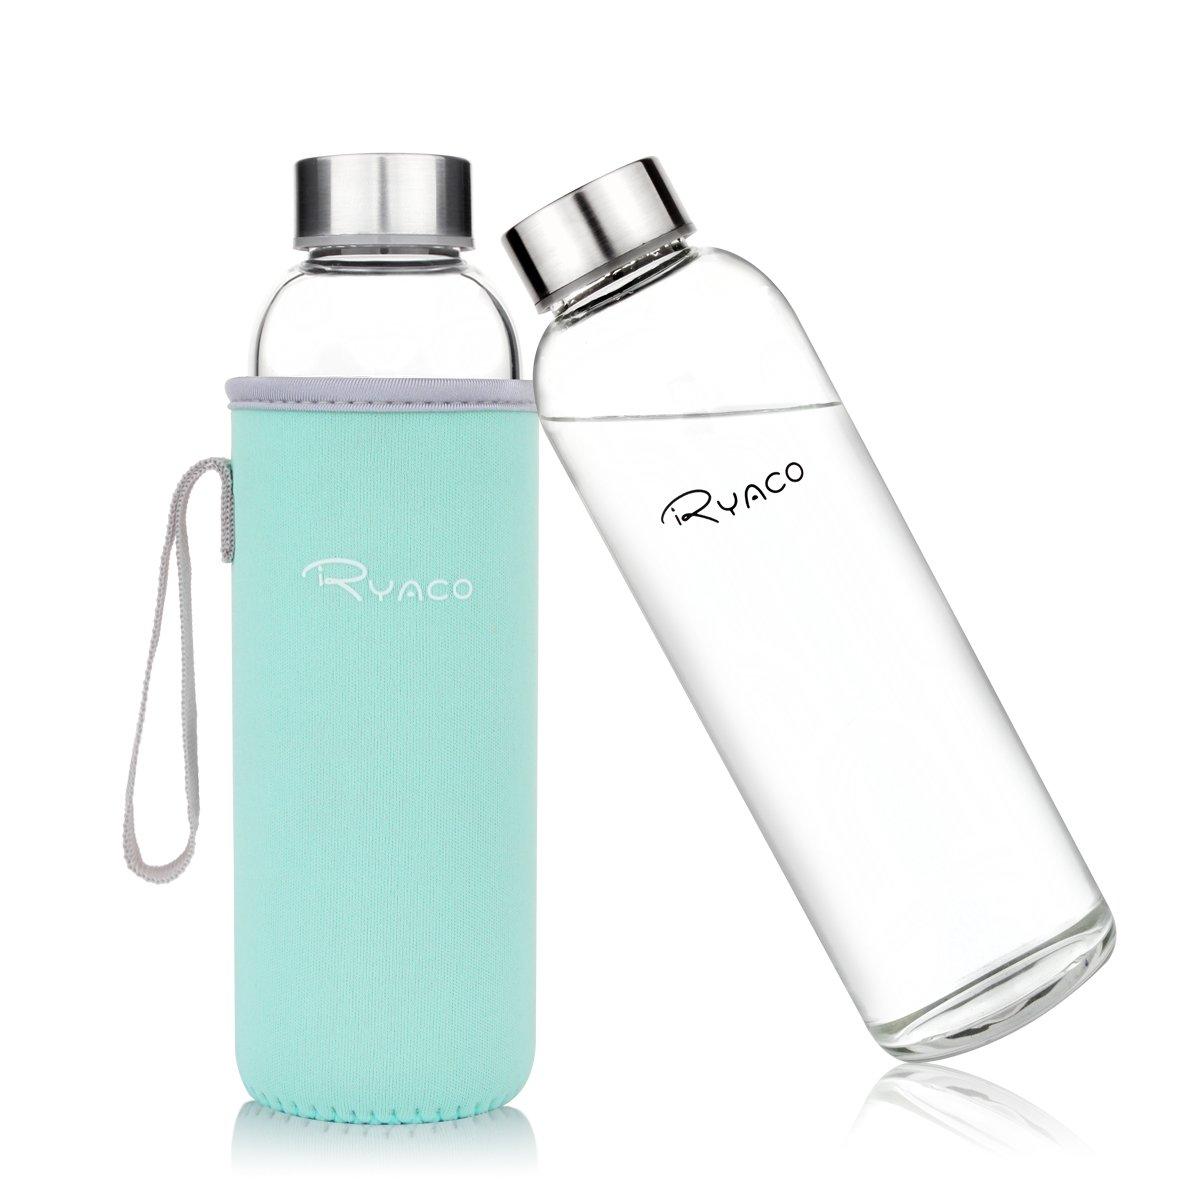 ryaco glastrinkflasche bei trinkflaschen test unterwegs mit anzug. Black Bedroom Furniture Sets. Home Design Ideas